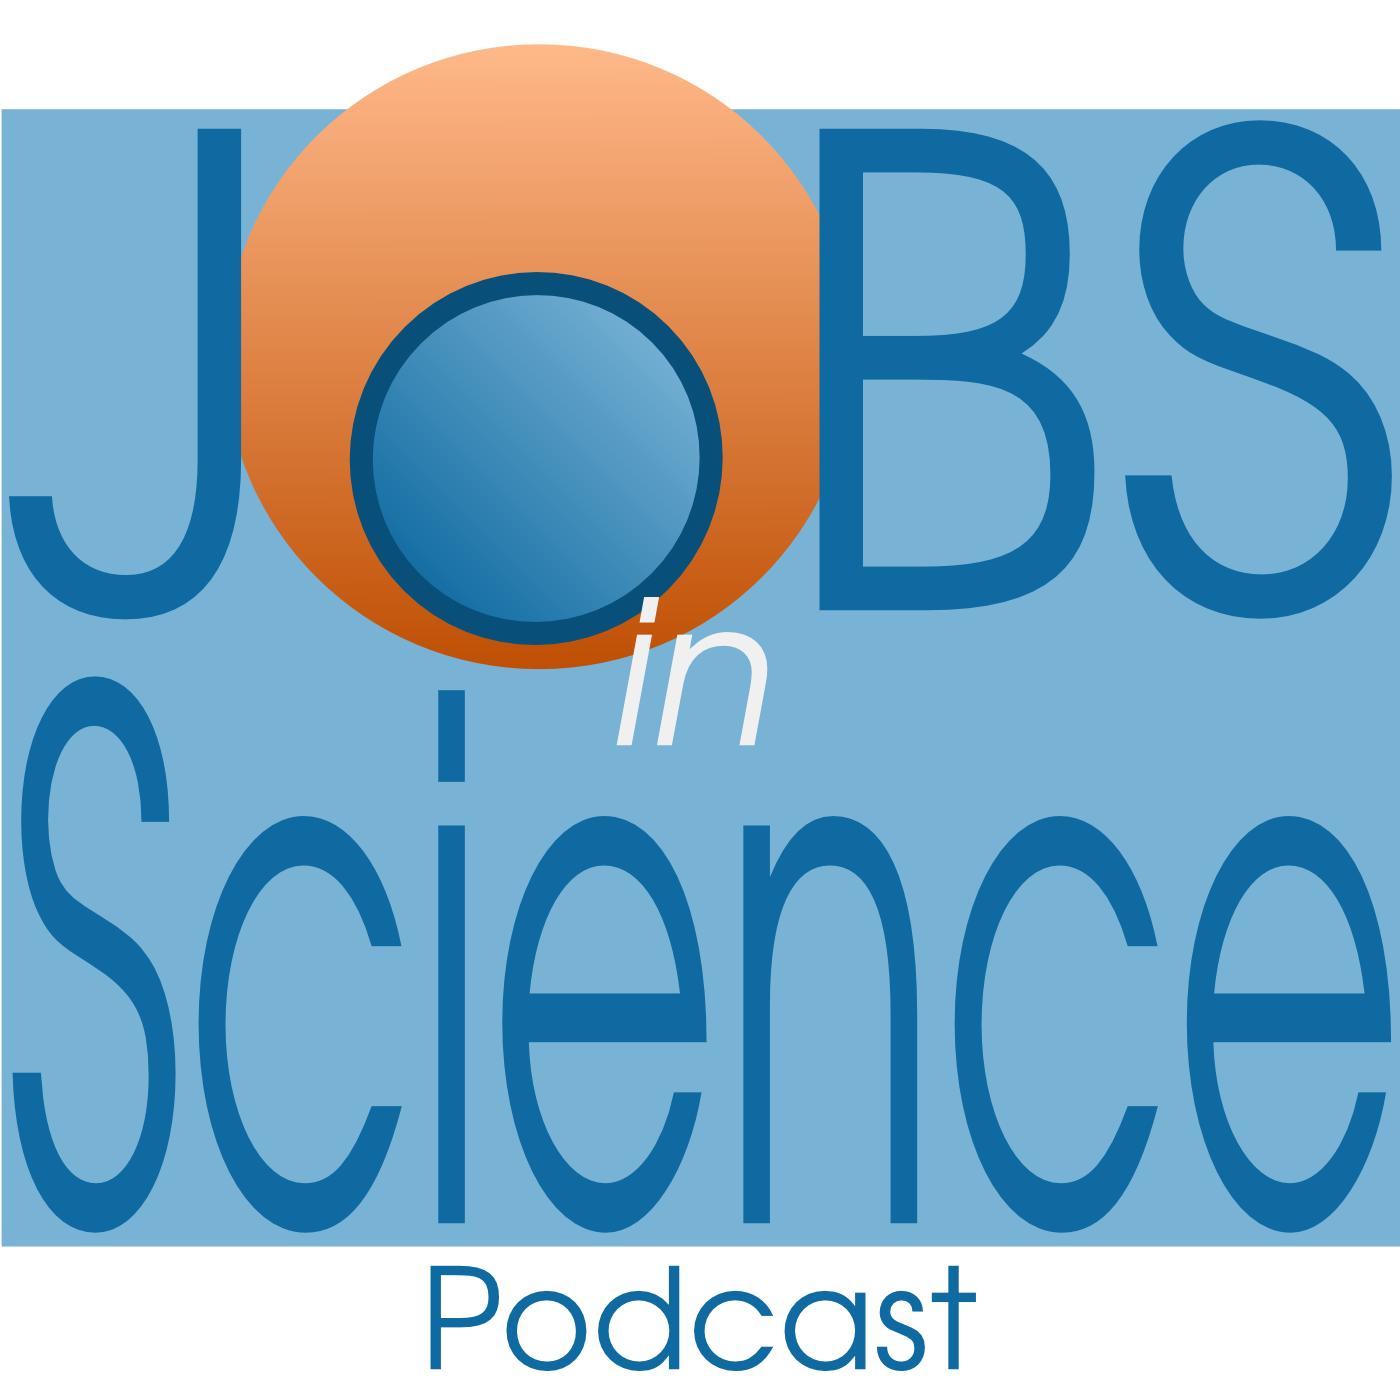 Jobs In Science Podcast - GrasPods